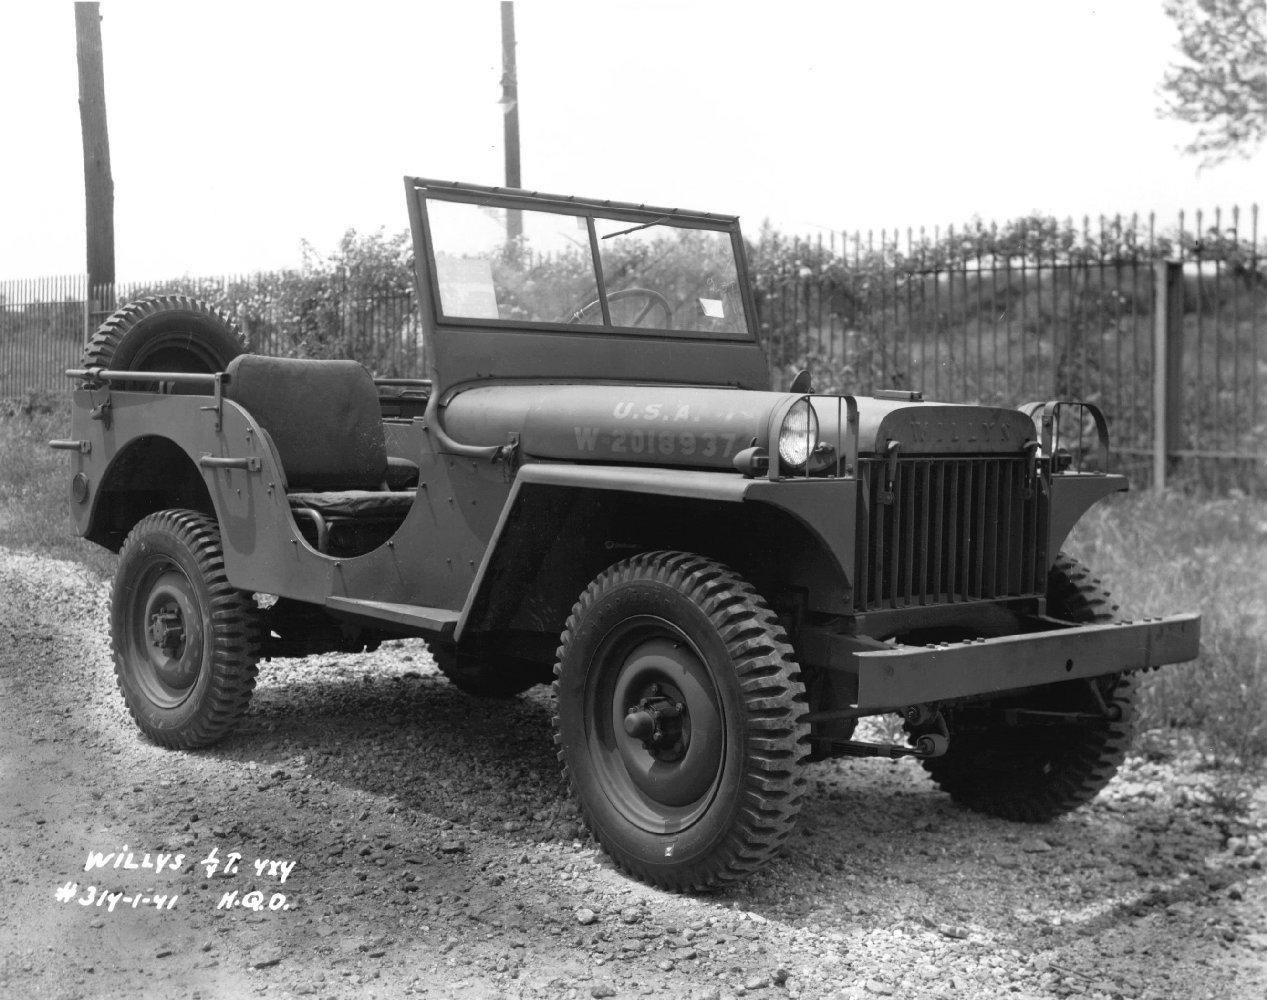 Willys Mb Wikipedia 1941 Jeep Pickup Trucks Ma